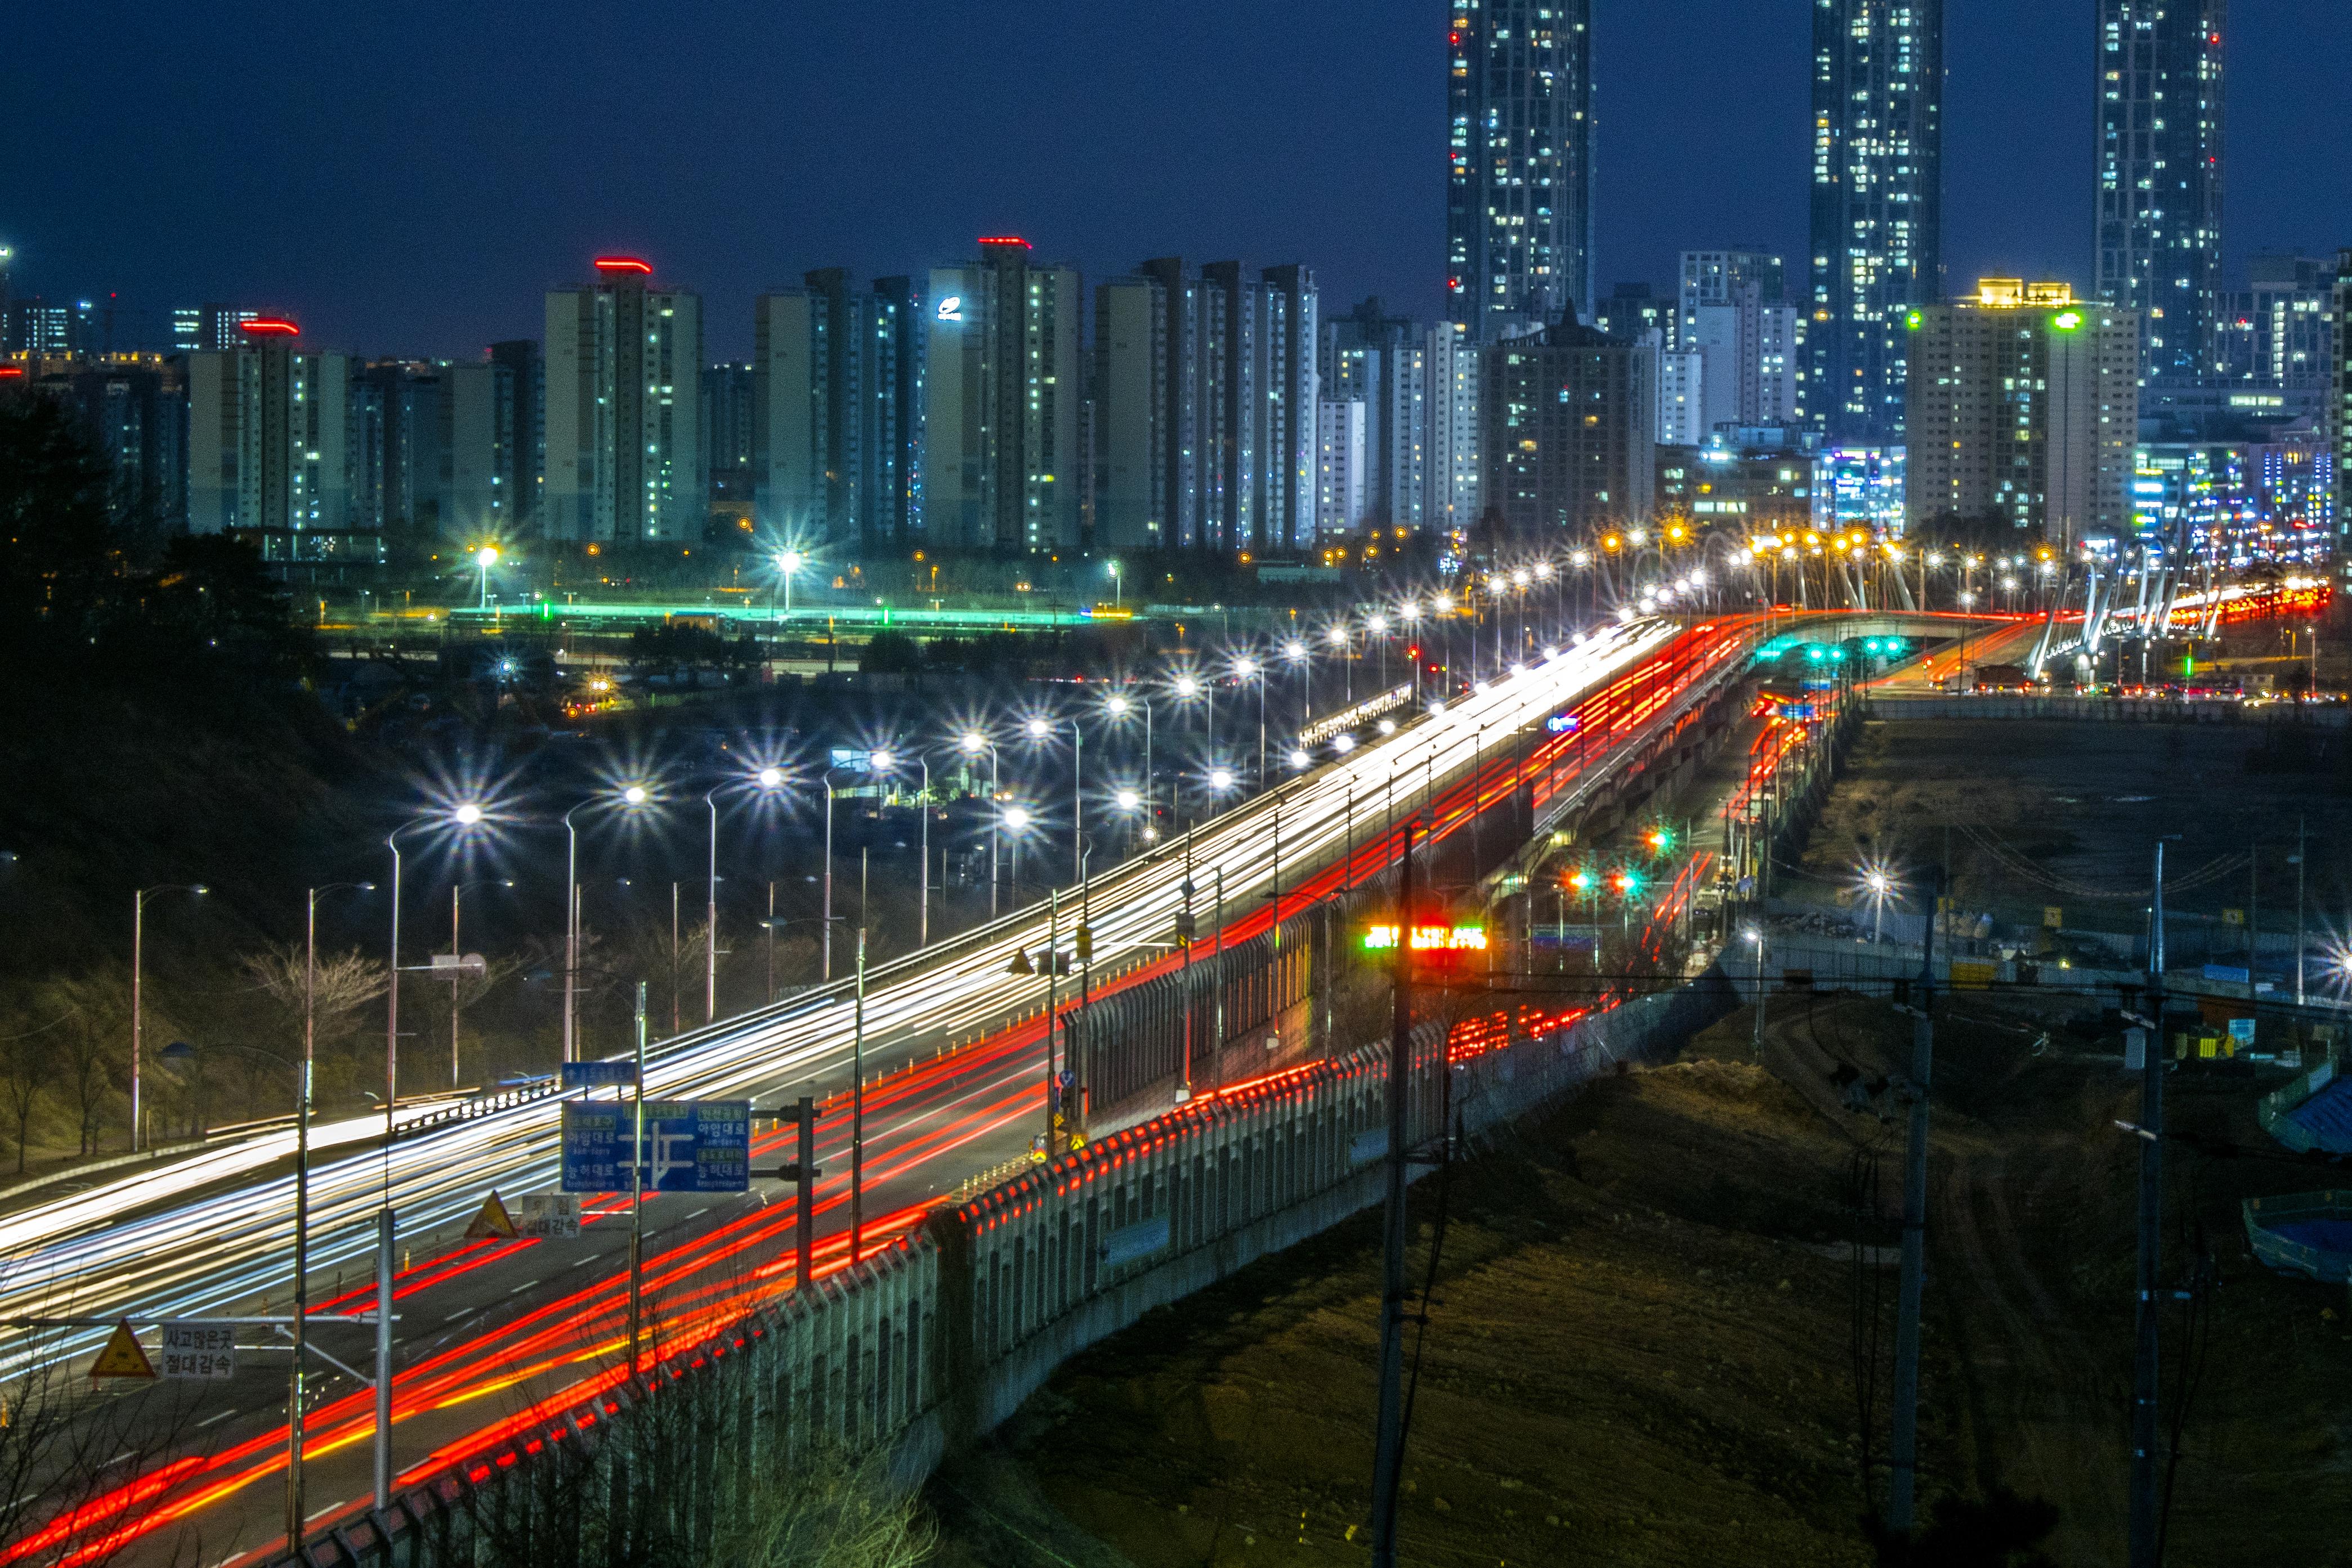 Seúl está en la posición #10 de las ciudades más visitadas del mundo.